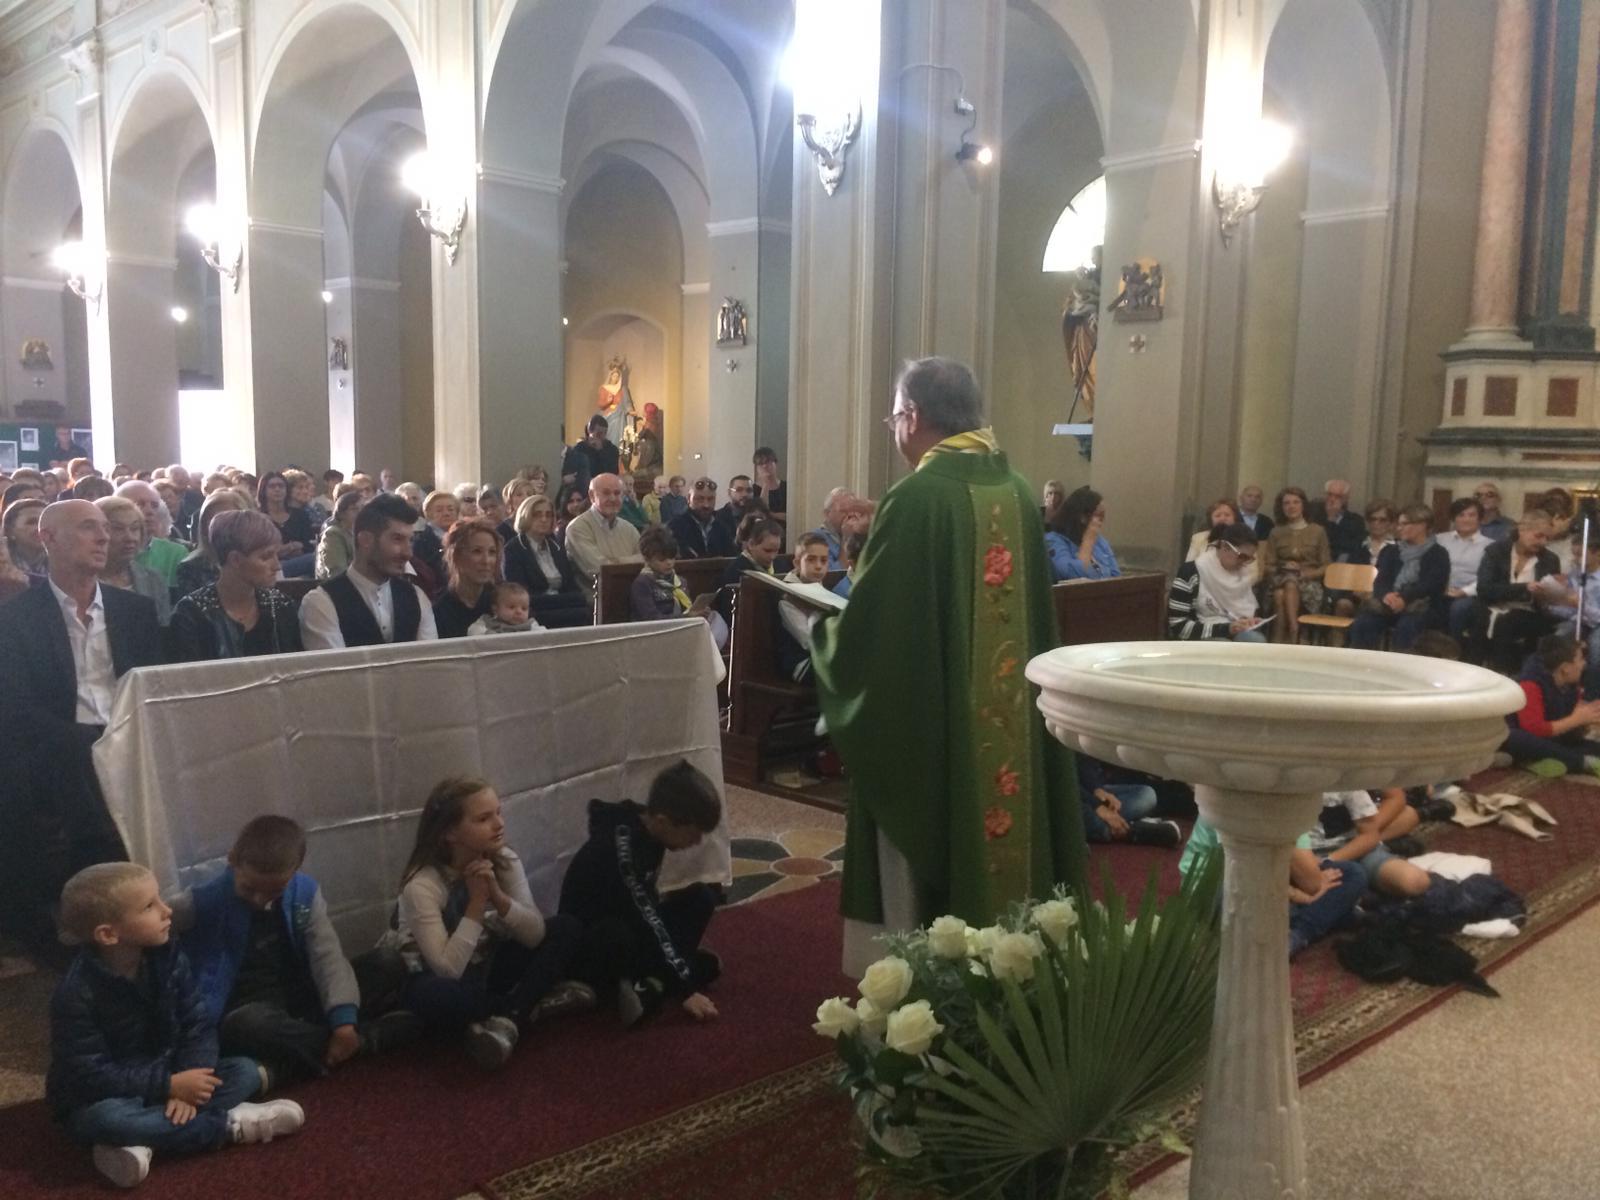 Festa Inizio anno scolastico Asilo Raggio (13)